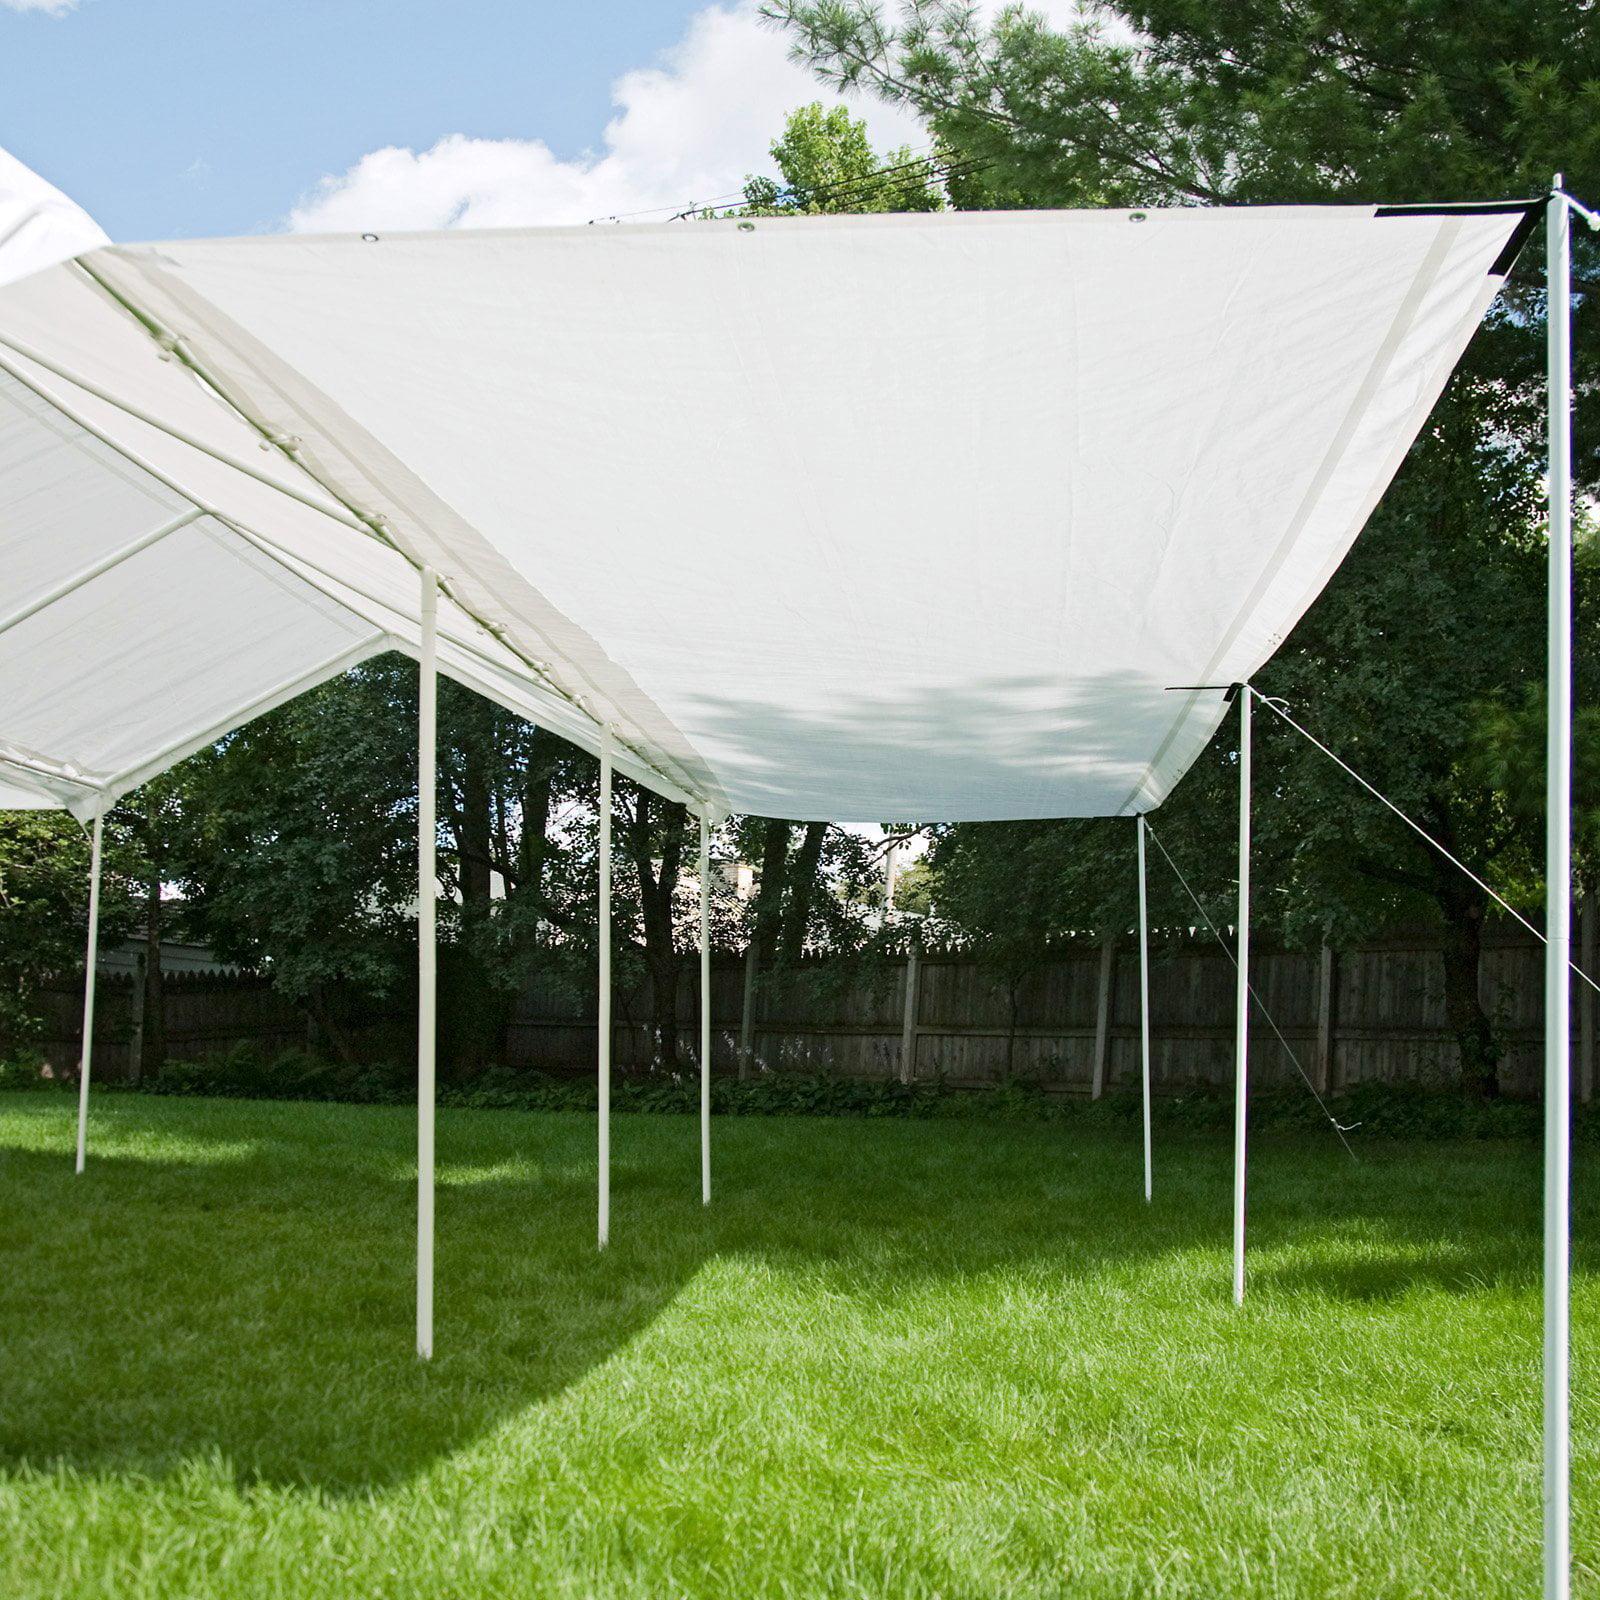 & Max AP 10u0027 x 20u0027 2-in-1 Canopy with Extension Kit - Walmart.com